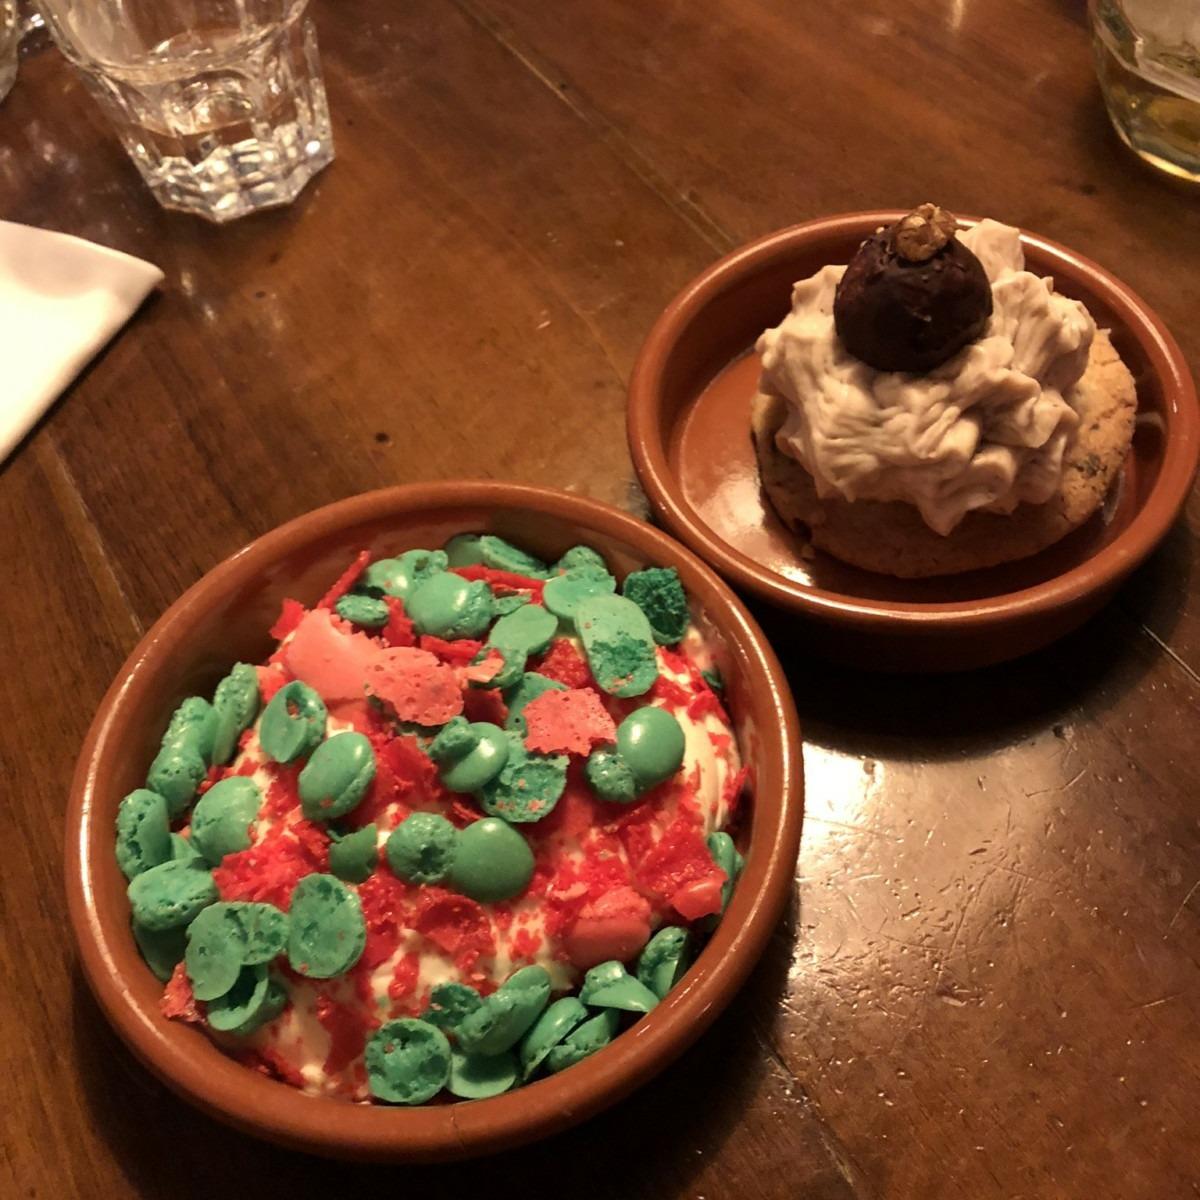 Farbenfrohe Desserts. Foto: Lunchgate/David